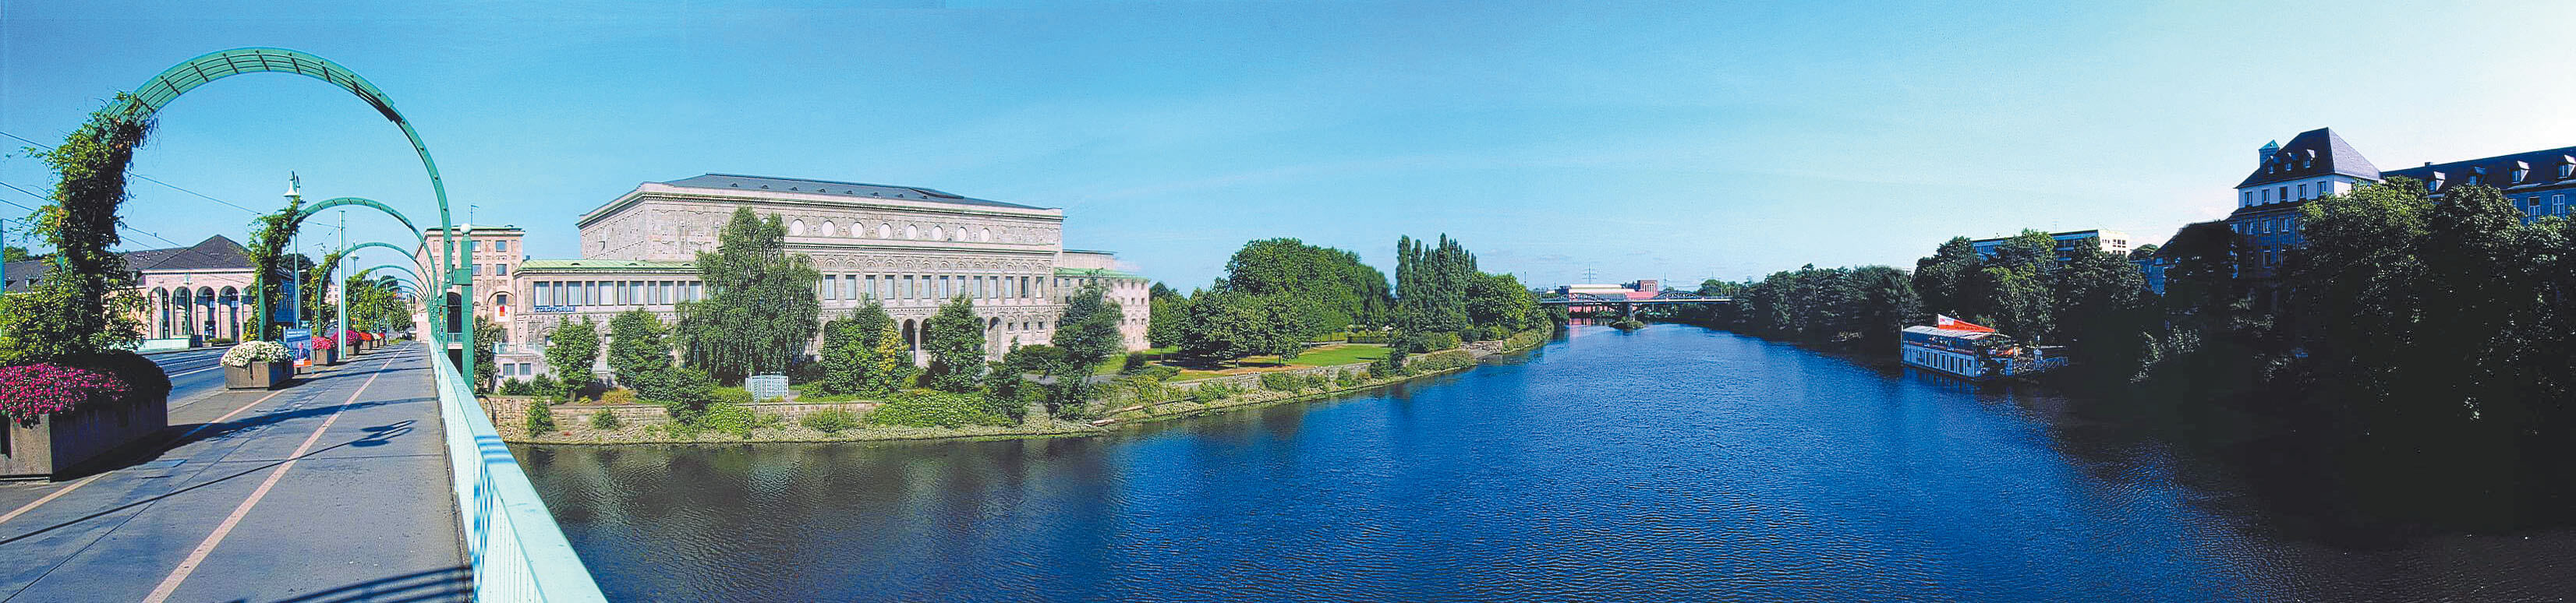 Voba-Rhein-Ruhr-Panorama-Stadthalle-Mülheim